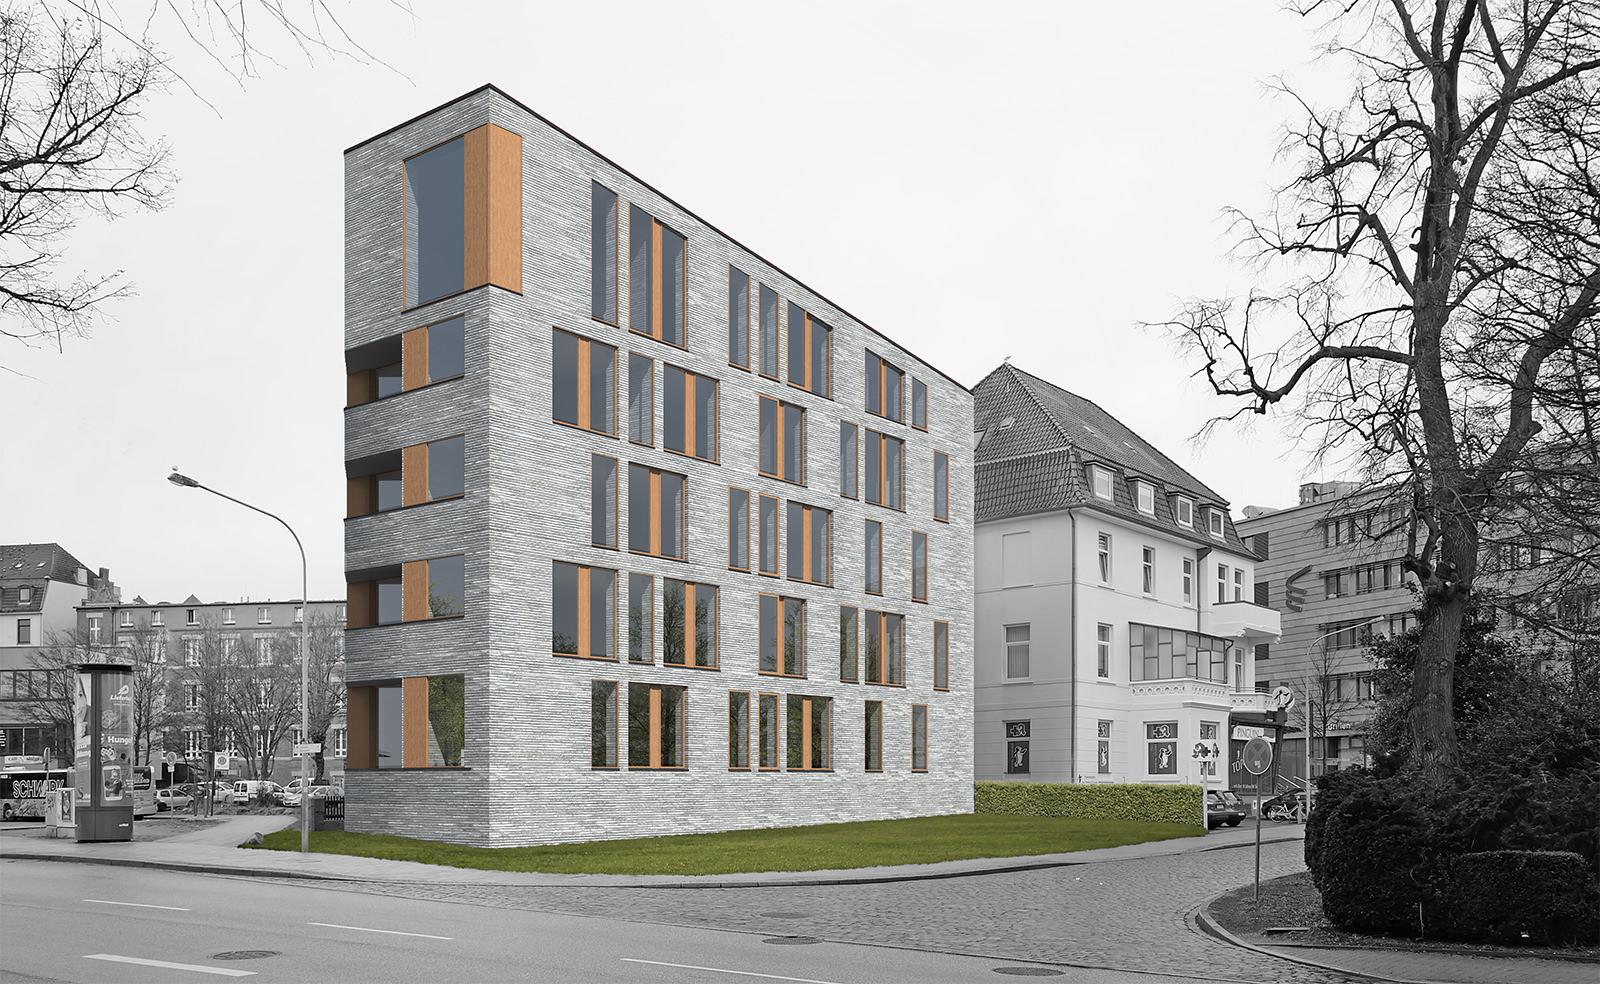 Kitzmann architekten hansestrasse l beck - Architekten lubeck ...